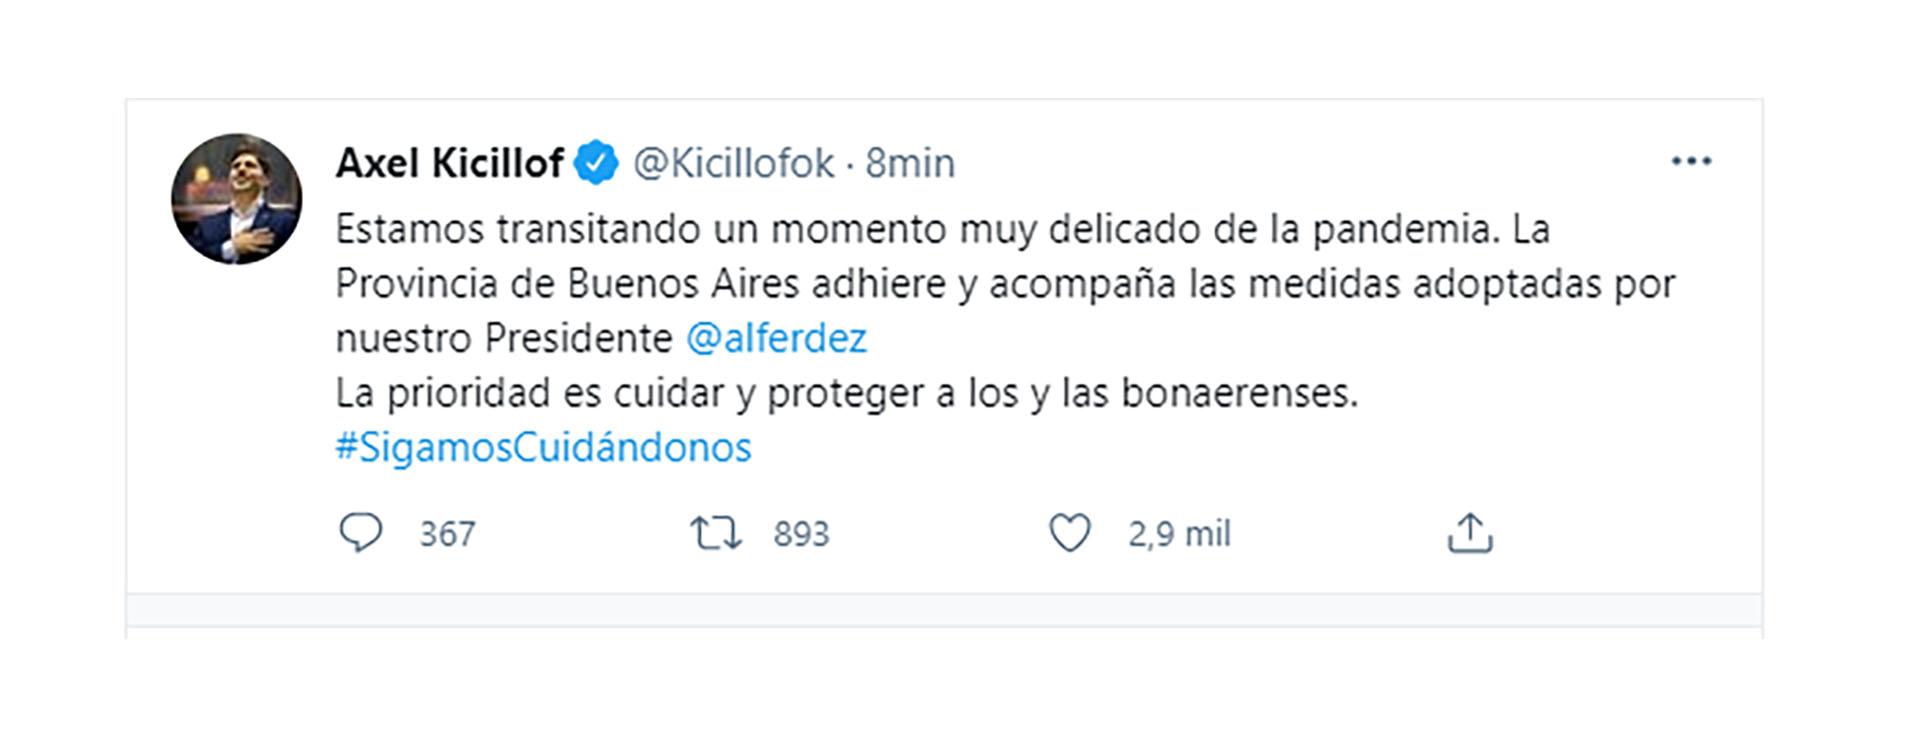 El mensaje del gobernador de Buenos Aires luego del mensaje presidencial